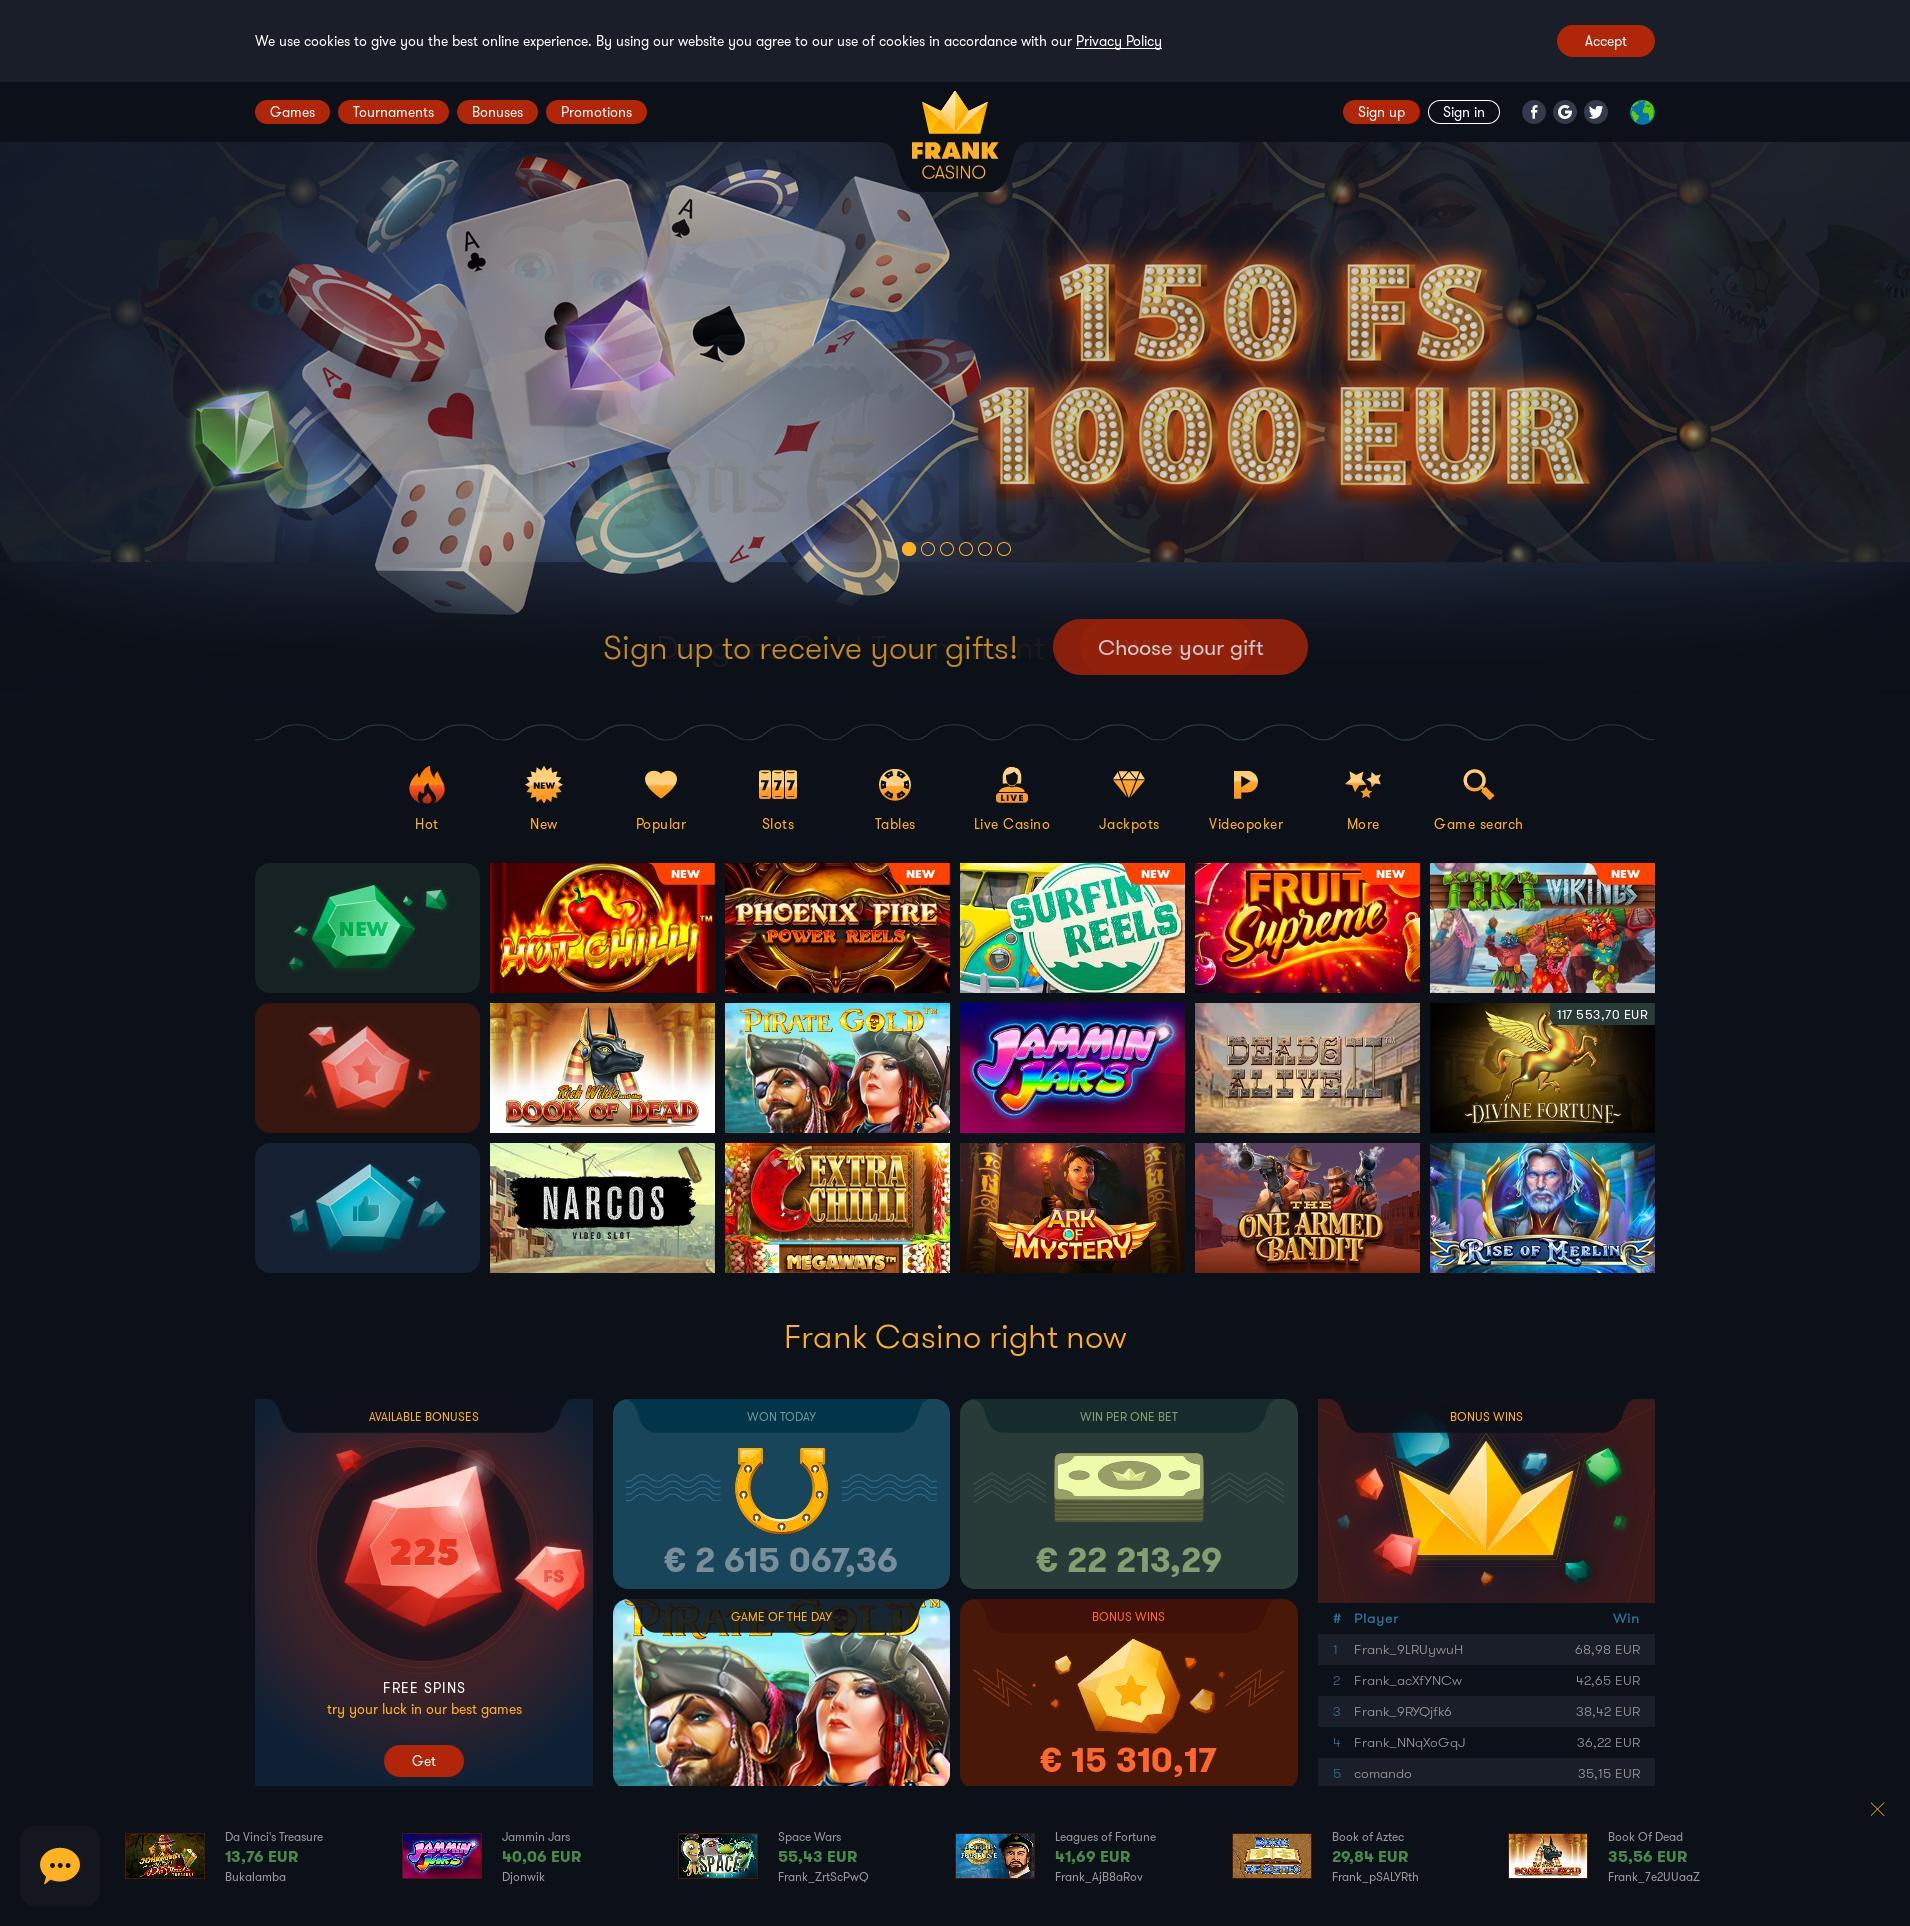 франк казино отзывы форум